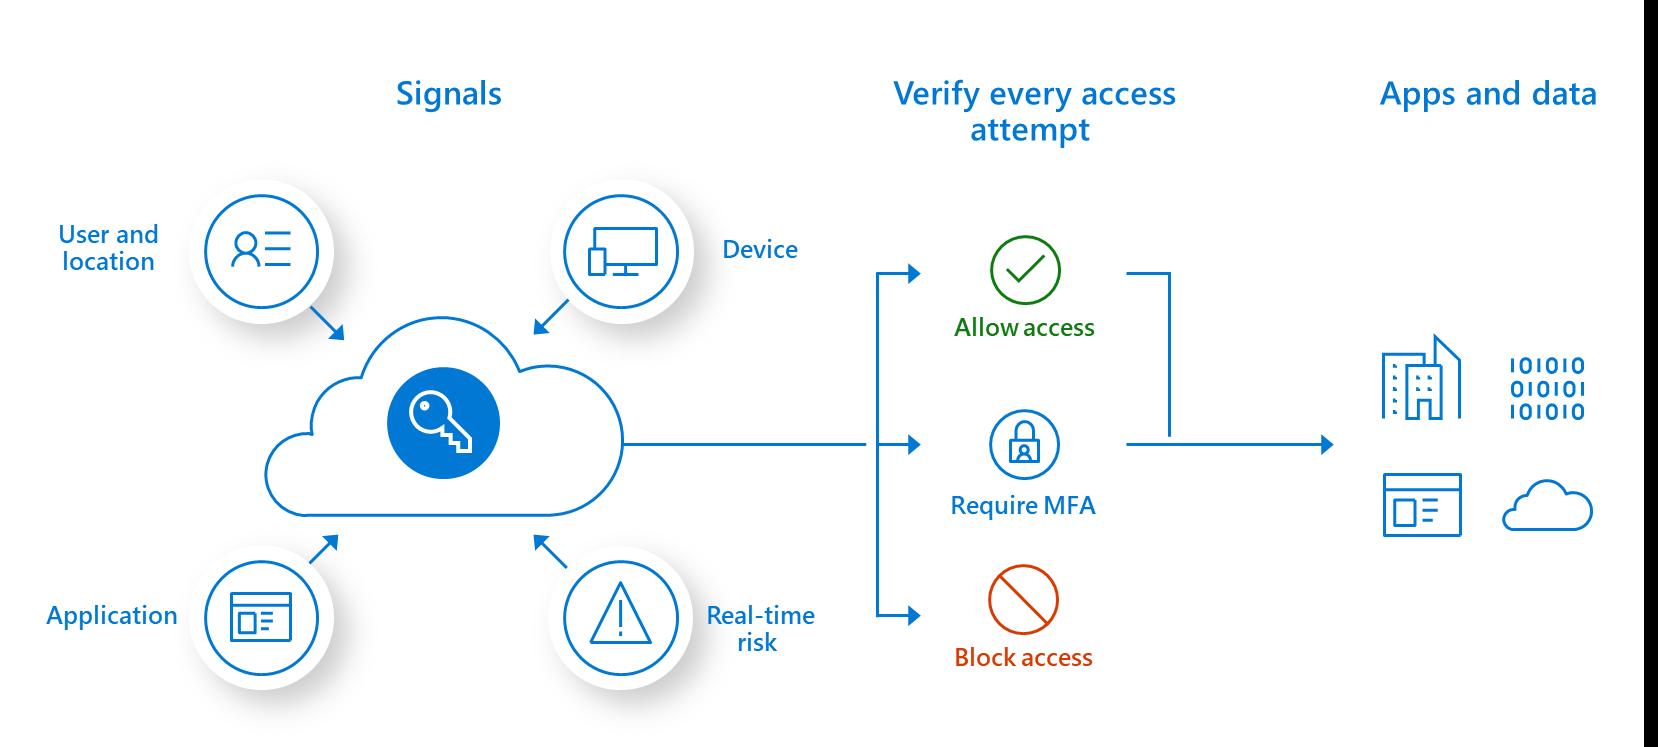 Infografía que expone el acceso condicional. Señales (ubicación del usuario, dispositivo, riesgo en tiempo real, aplicación), Verificar cada intento de acceso (permitir acceso, requerir MFA o bloquear el acceso), y aplicaciones y datos.